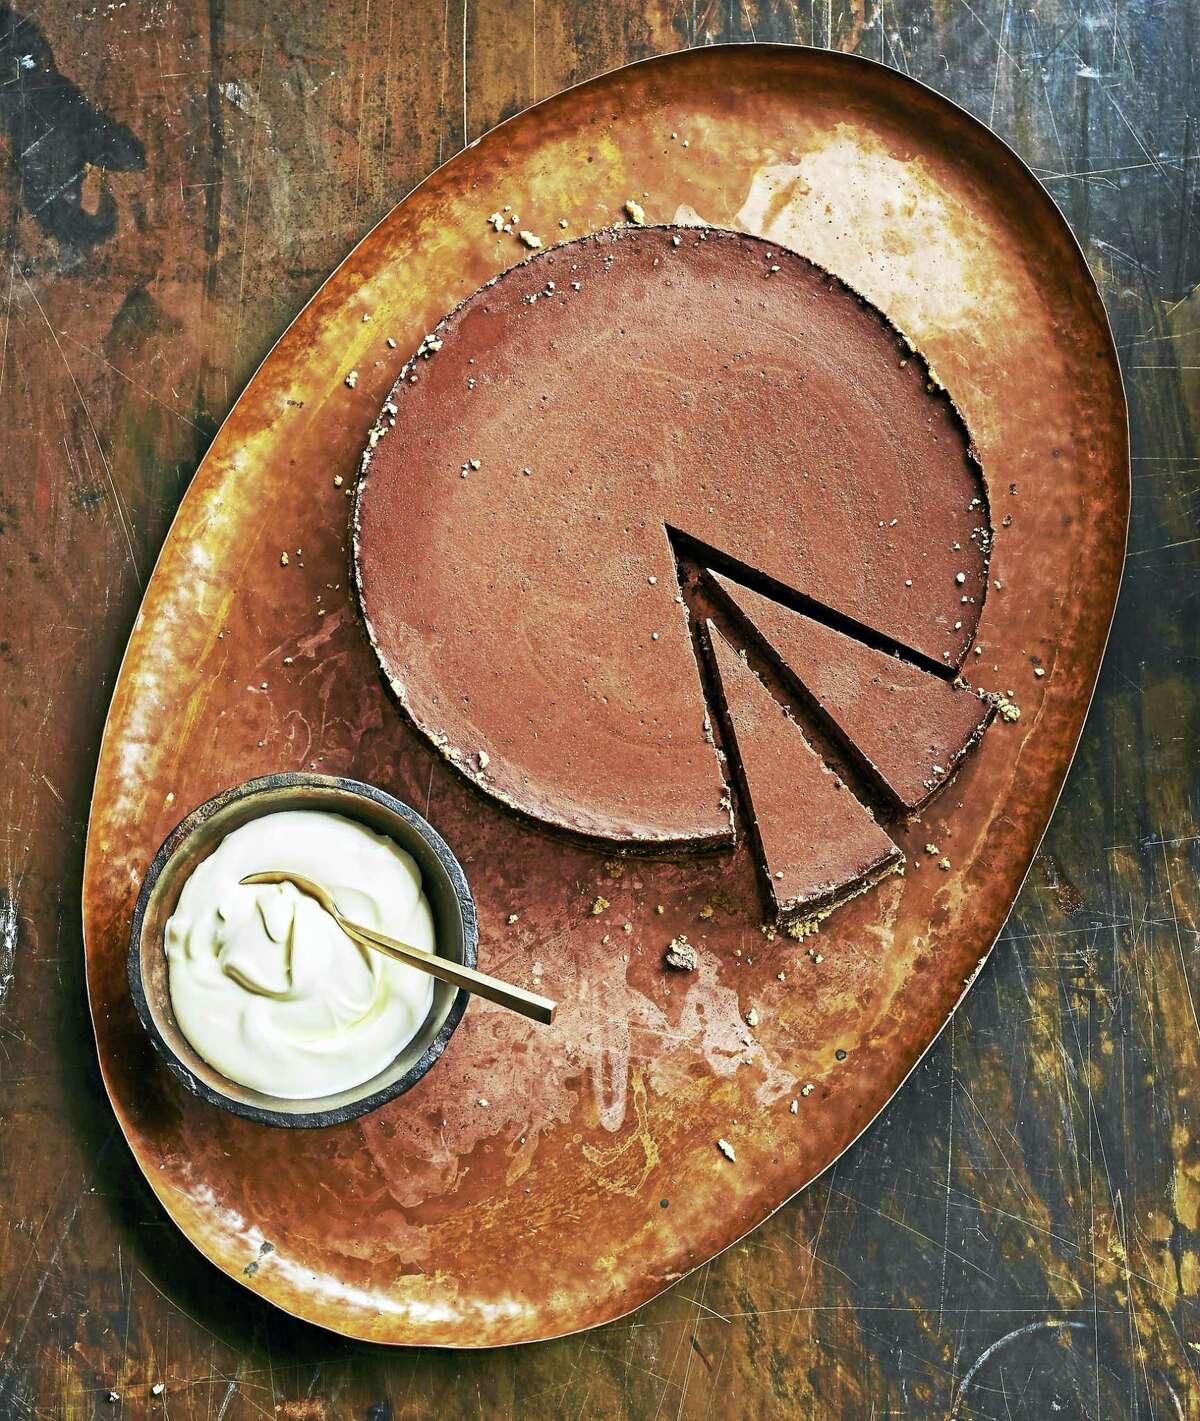 Baked dark chocolate cheesecake